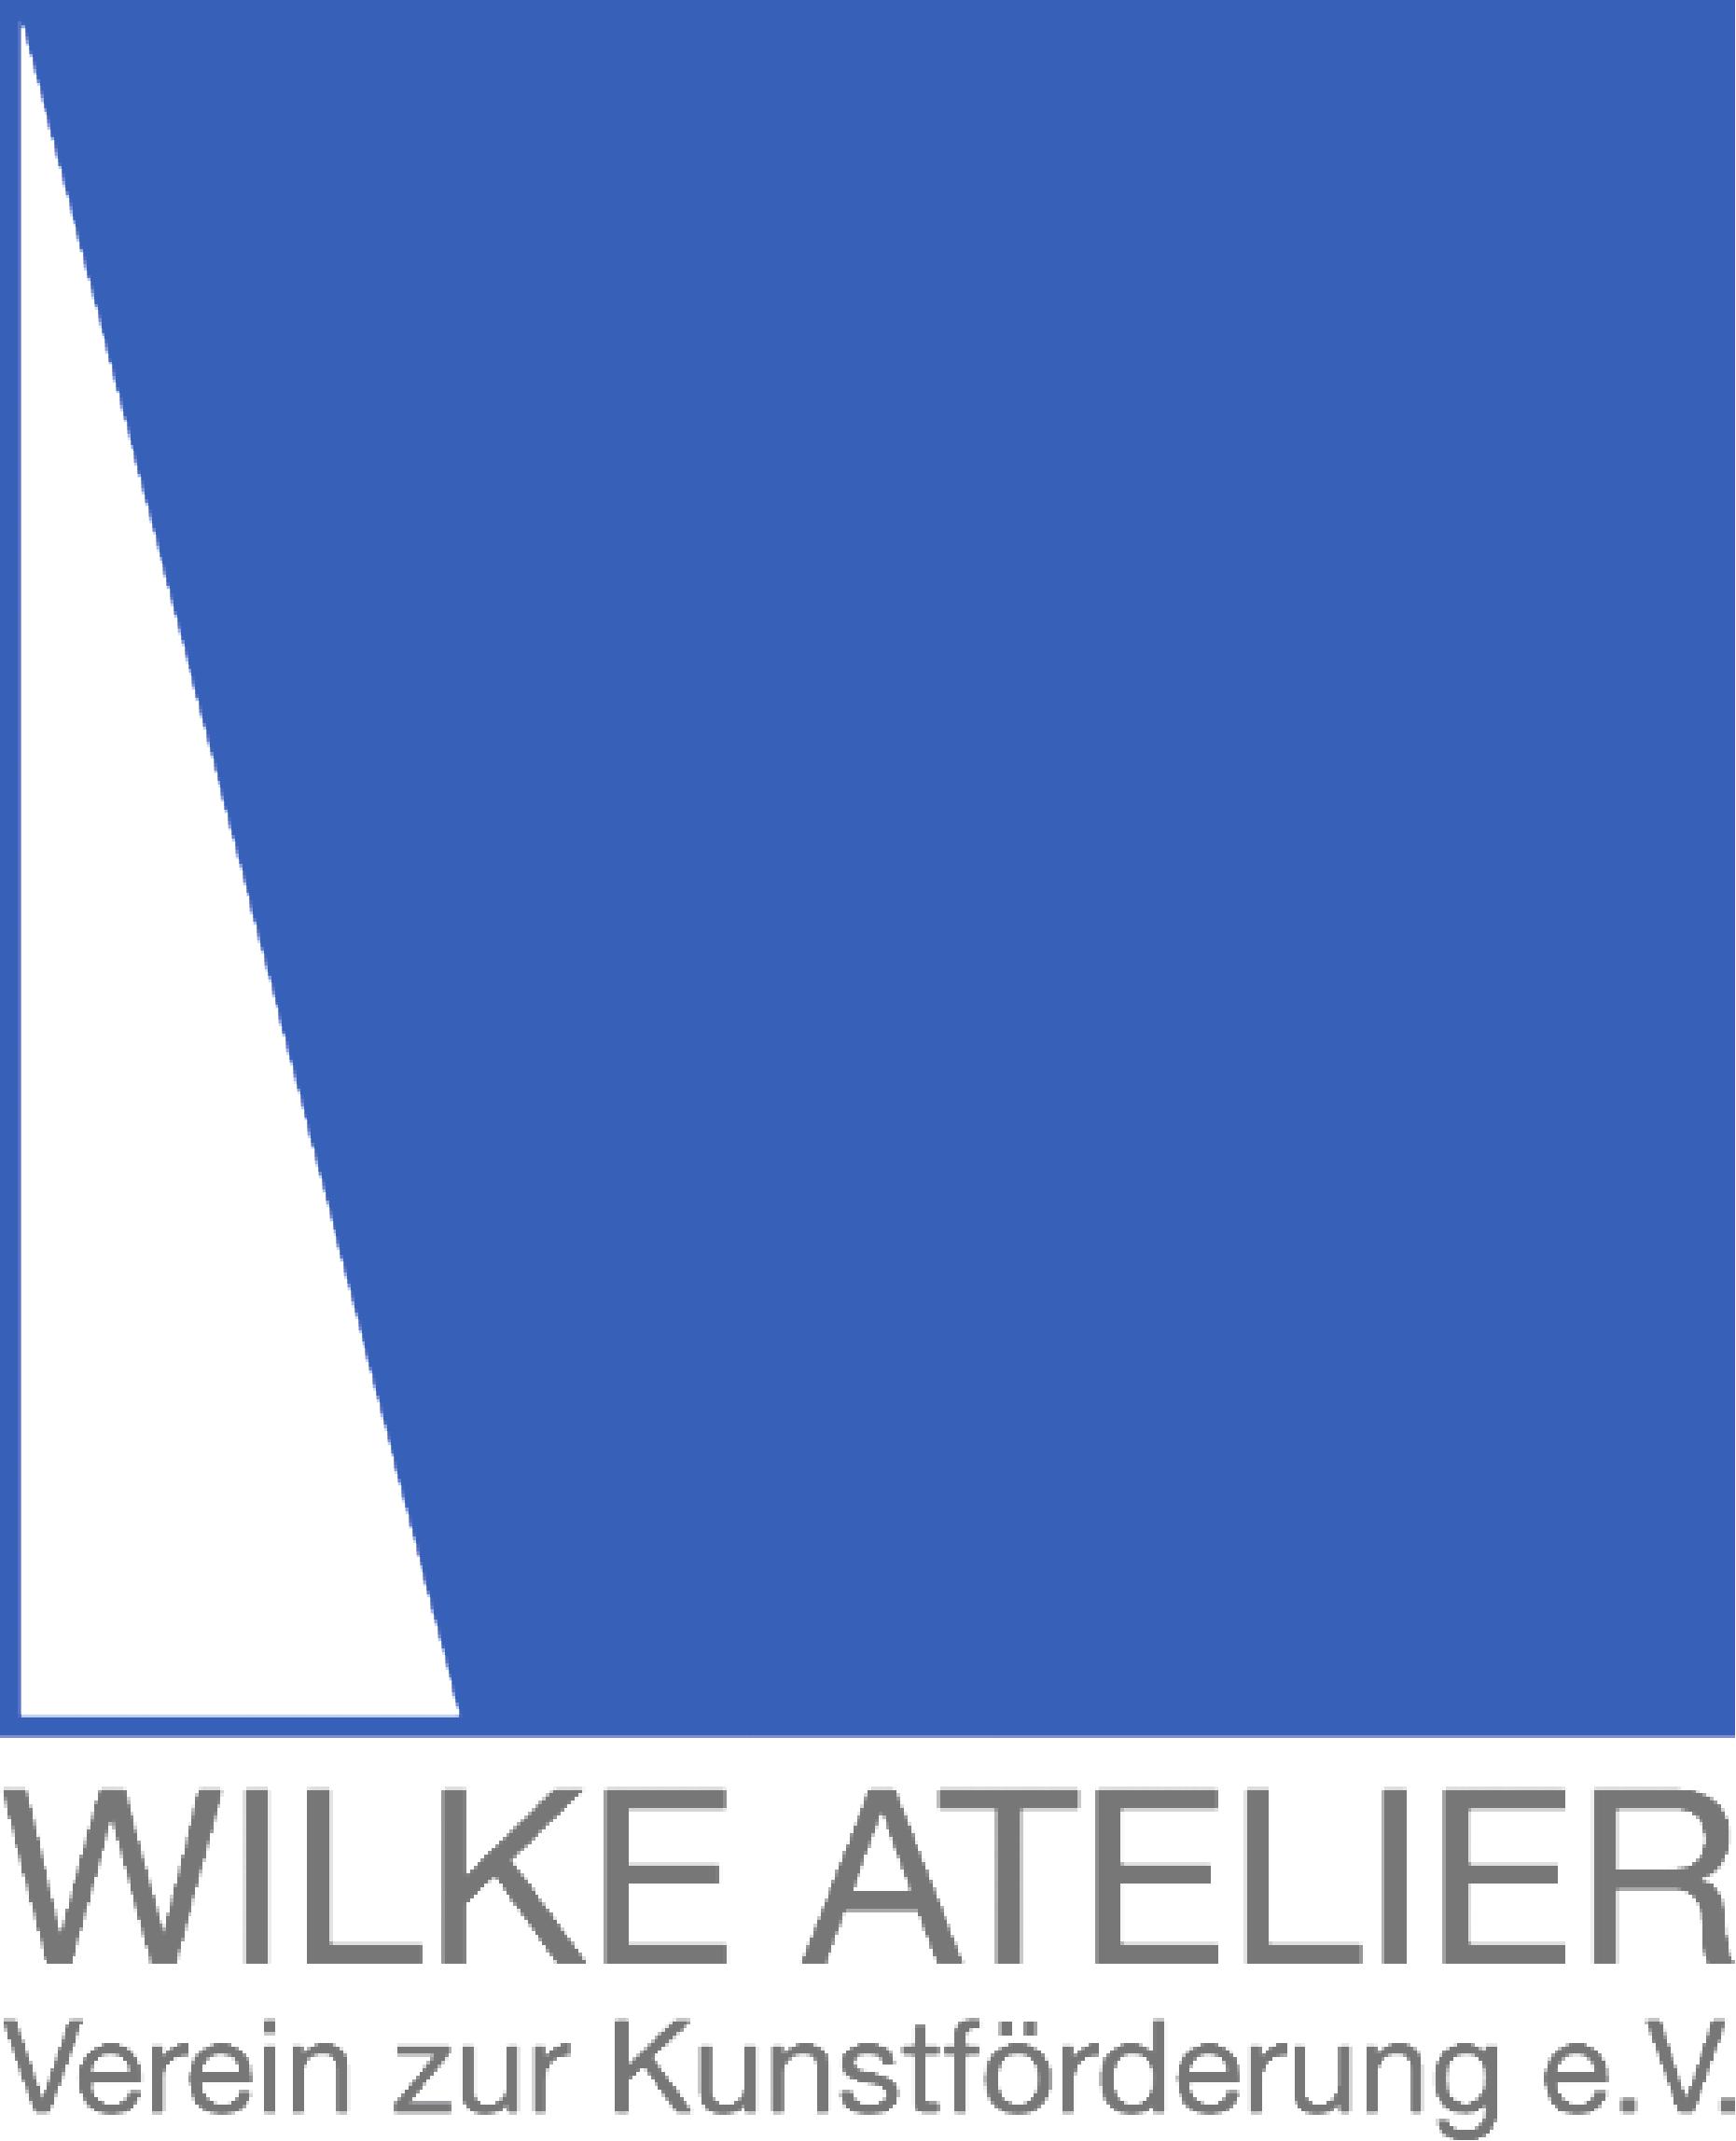 Wilke Atelier